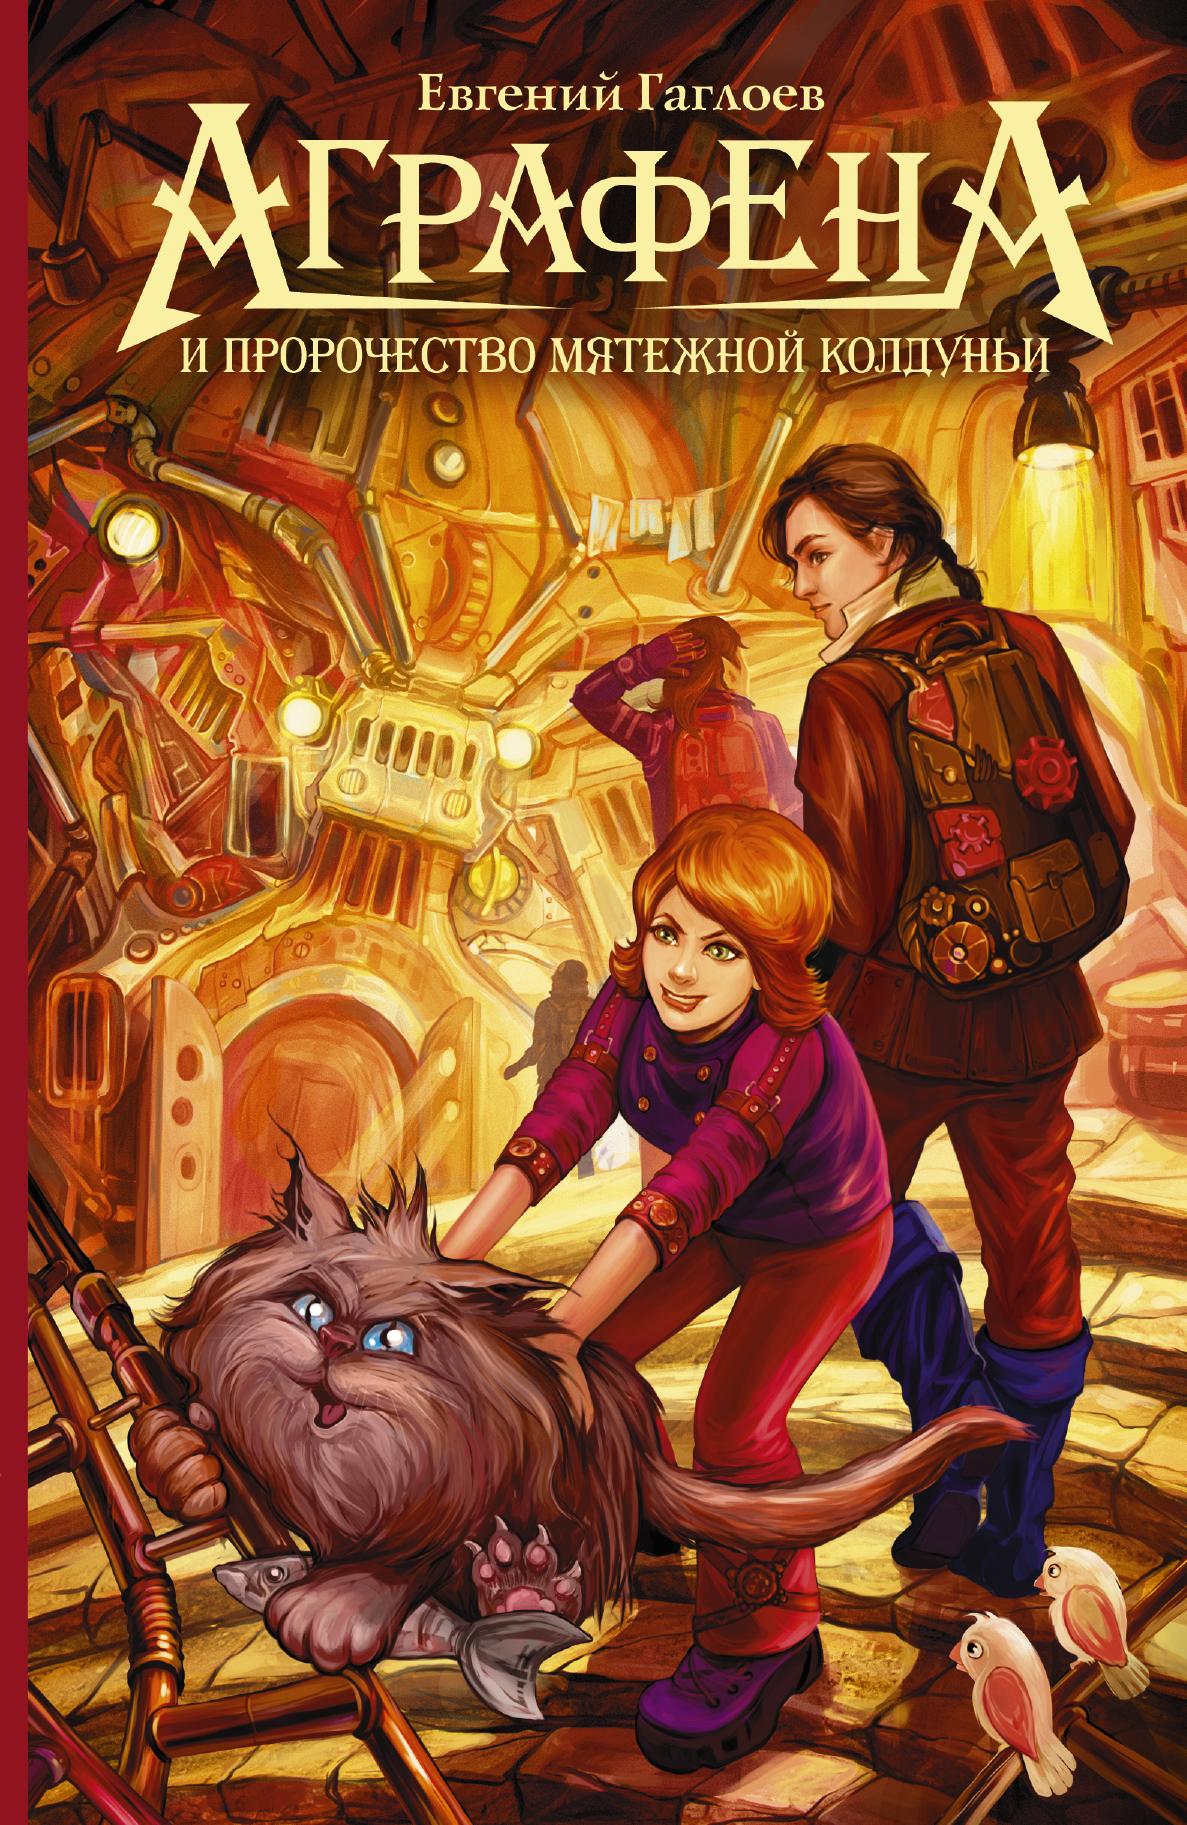 Аграфена и пророчество мятежной колдуньи ( Гаглоев Е.Ф.  )